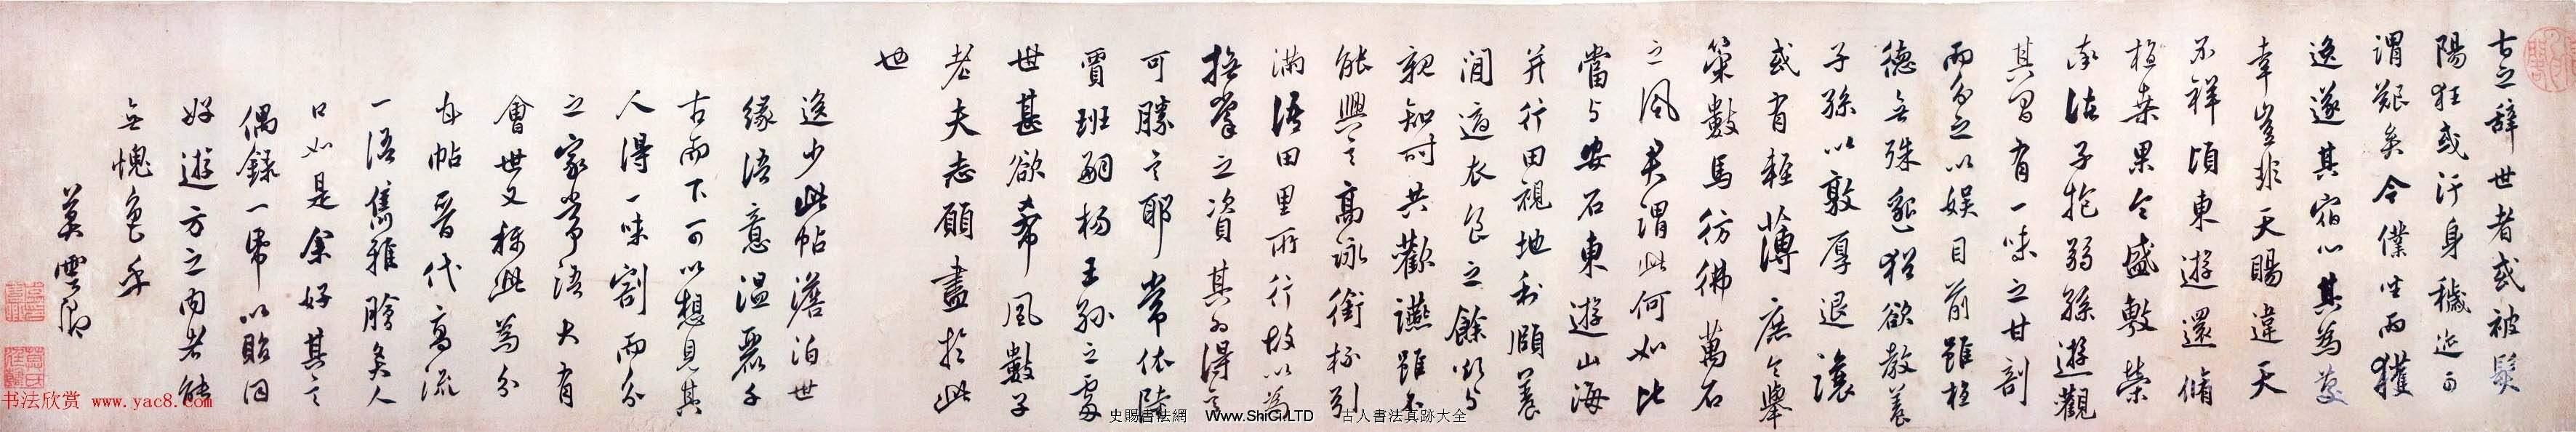 莫是龍書法手卷字帖《錄晉書王羲之與謝萬書》(共8張圖片)